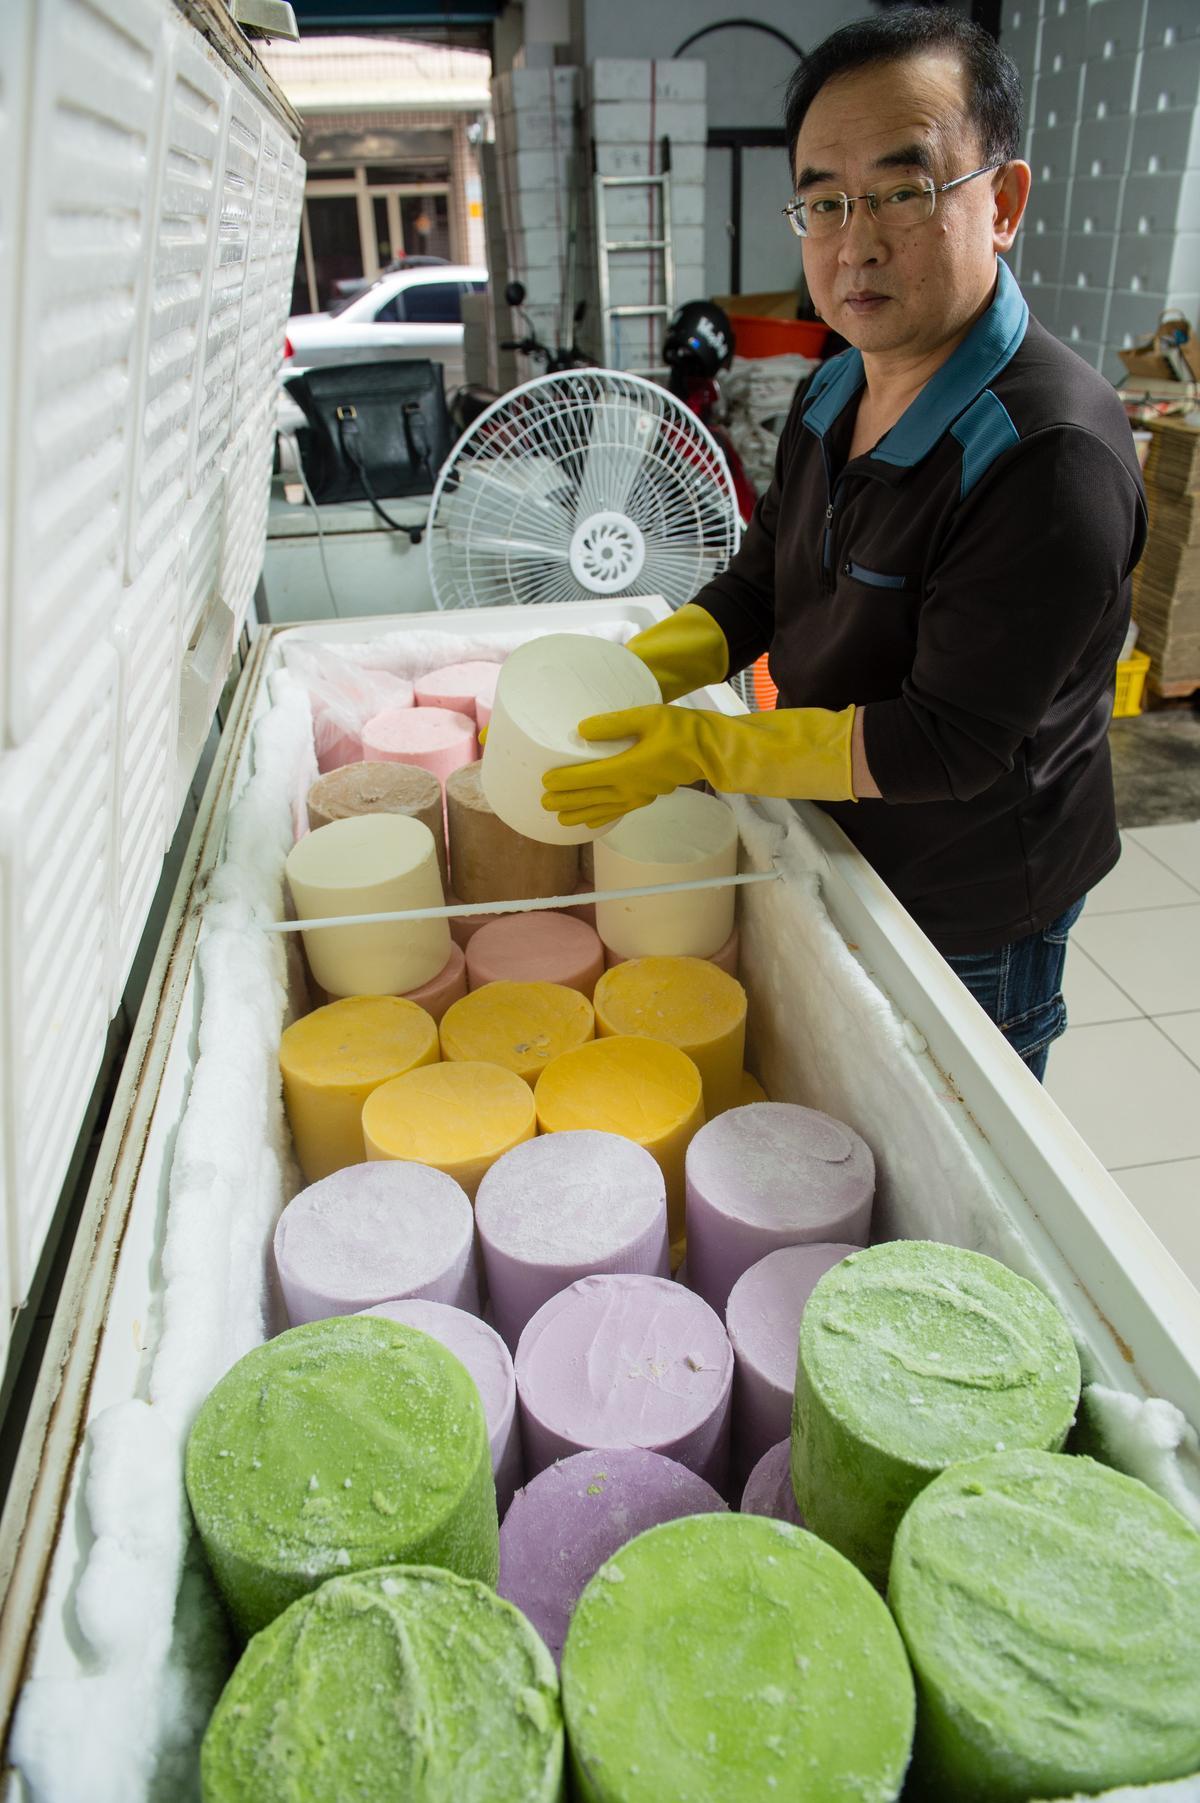 「冰雪冷飲部」的風味冰磚全都自製,生意最好時一天可以賣出240磚,工作人員一整天端出1700多盤雪花冰穿梭店裡,忙到不可開交。